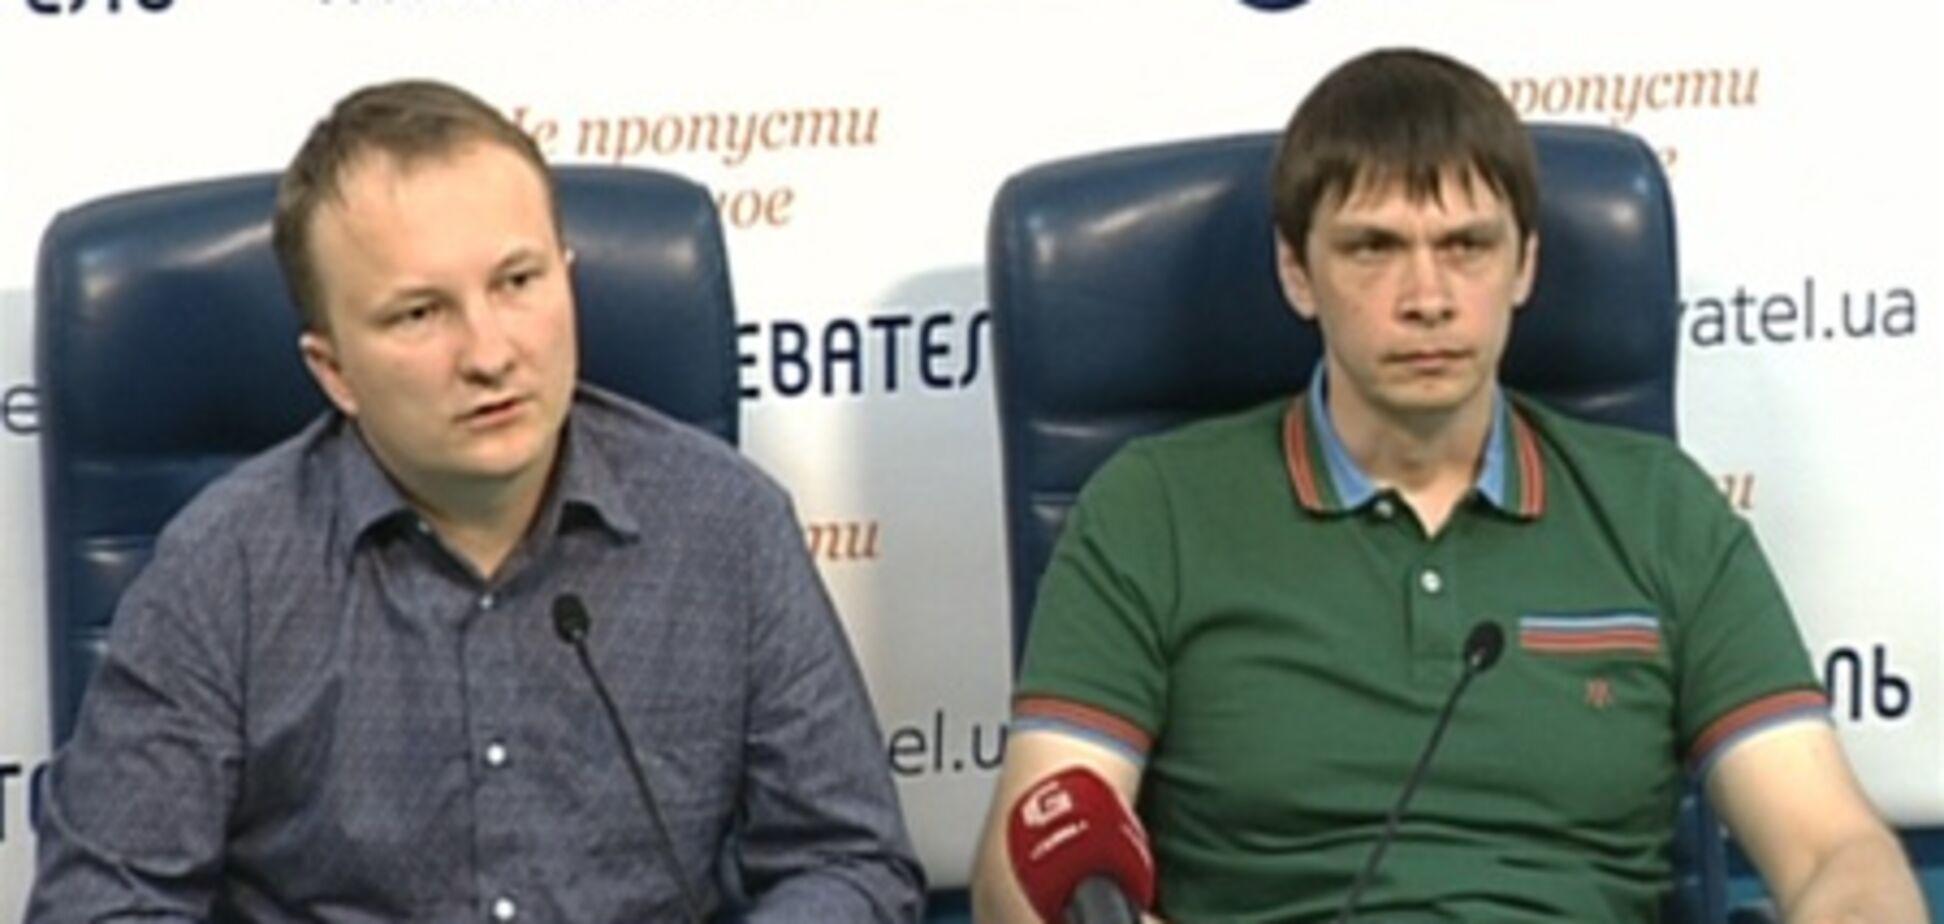 Новая фракция в Раде займется заманиваем оппозиционеров - эксперт